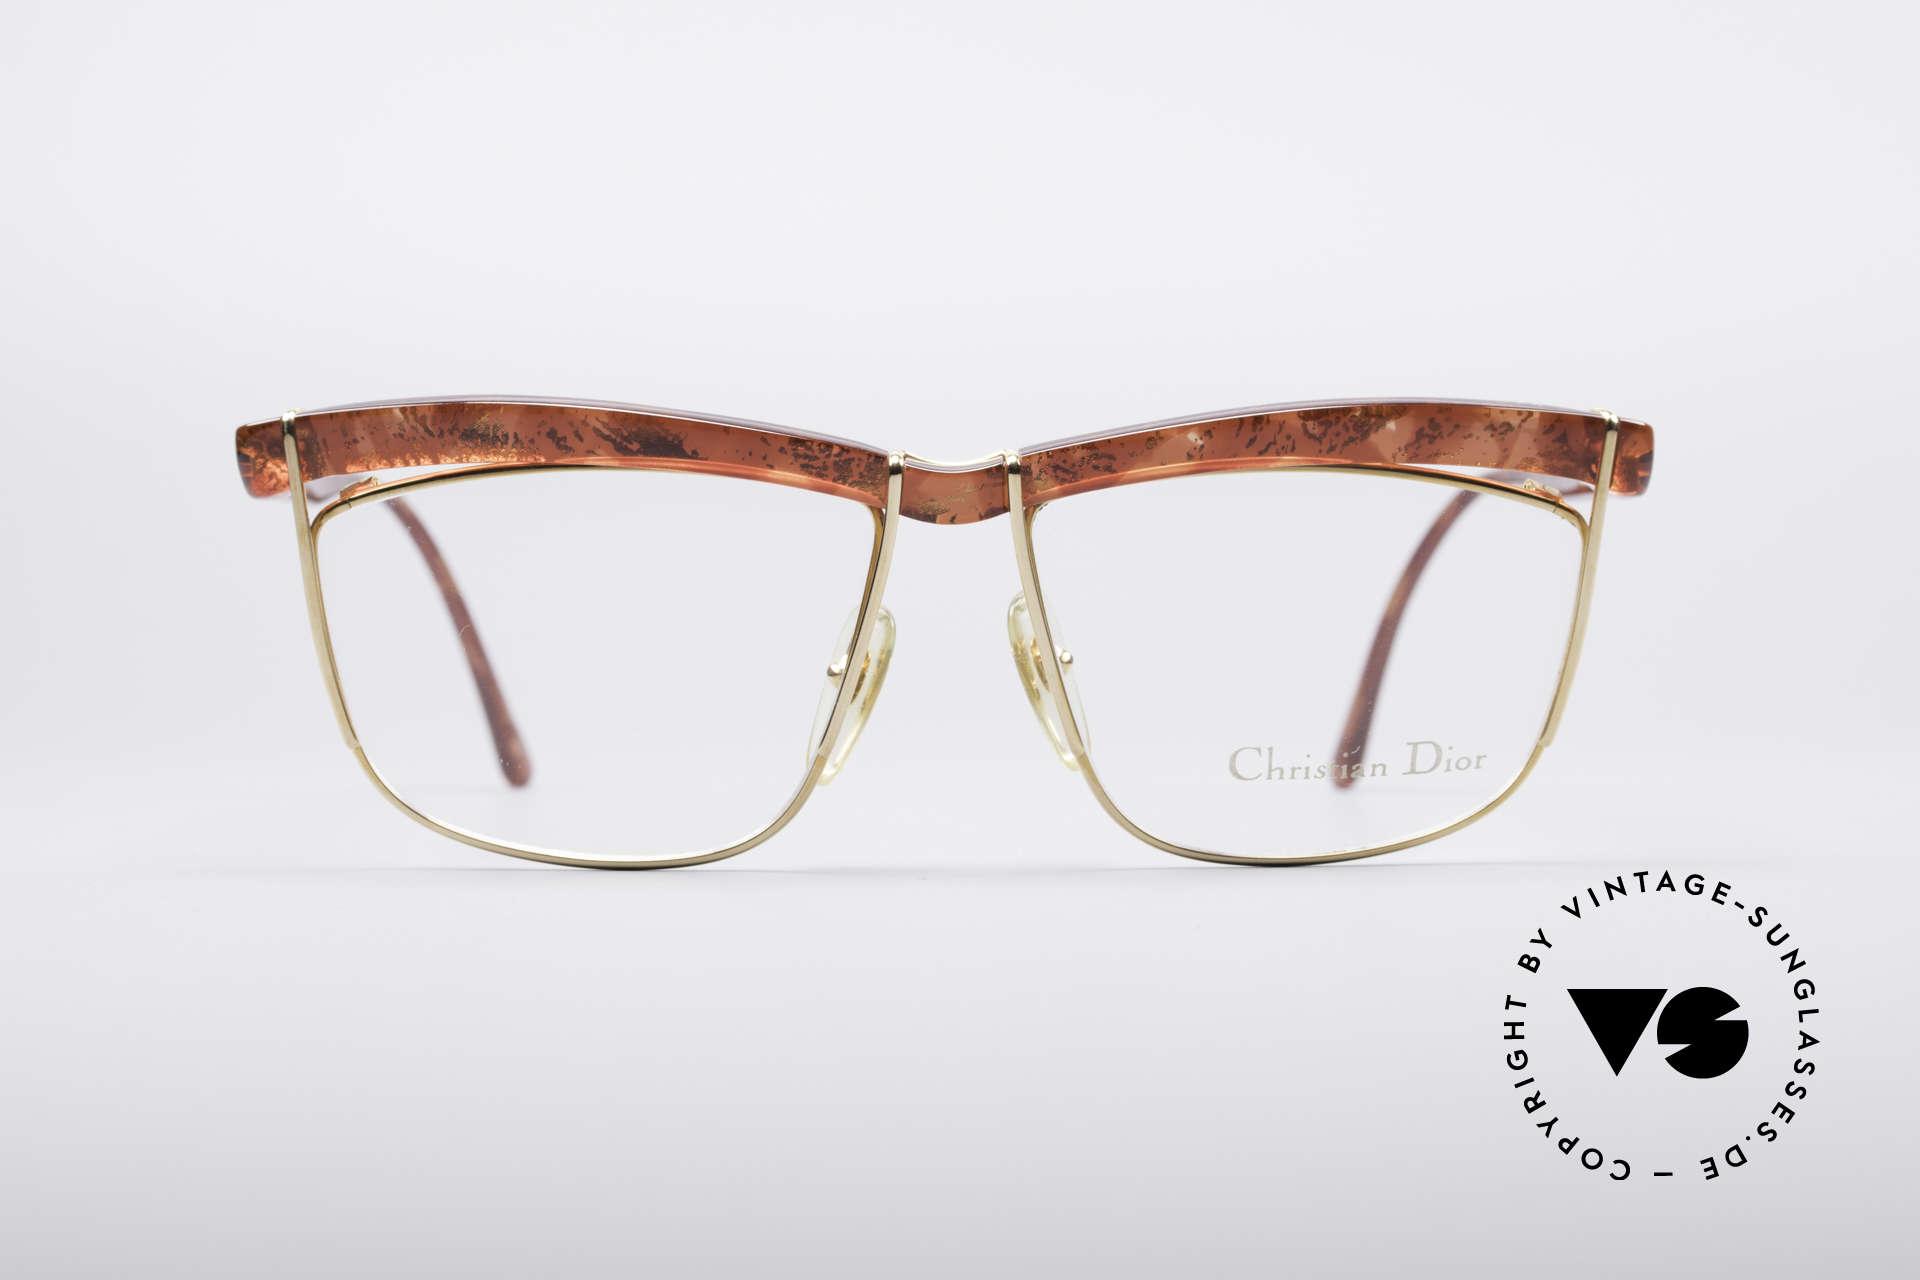 Christian Dior 2552 90er Vintage Brille, ein wahres Prunkstück in puncto Brillendesign, Passend für Damen